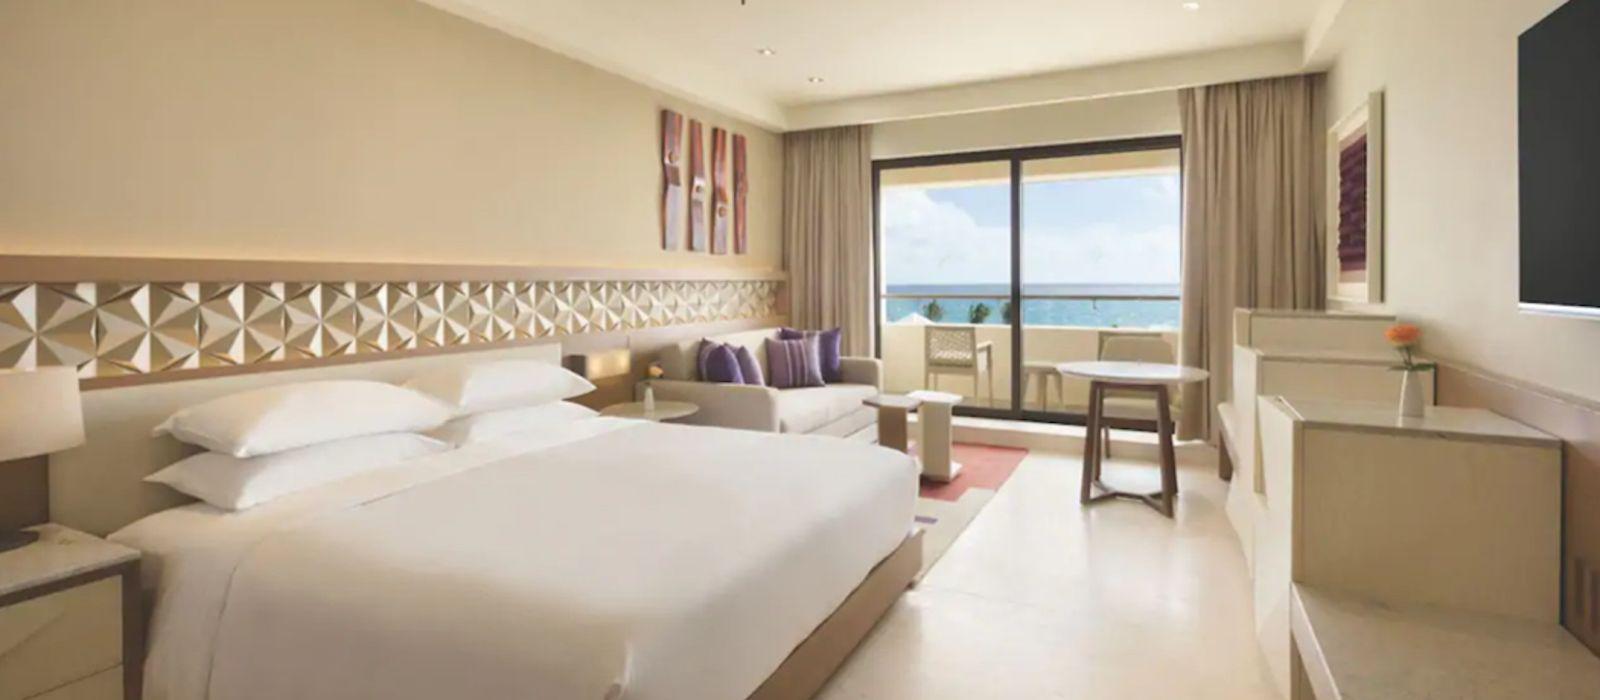 Hotel Hyatt Ziva Cancun Mexiko